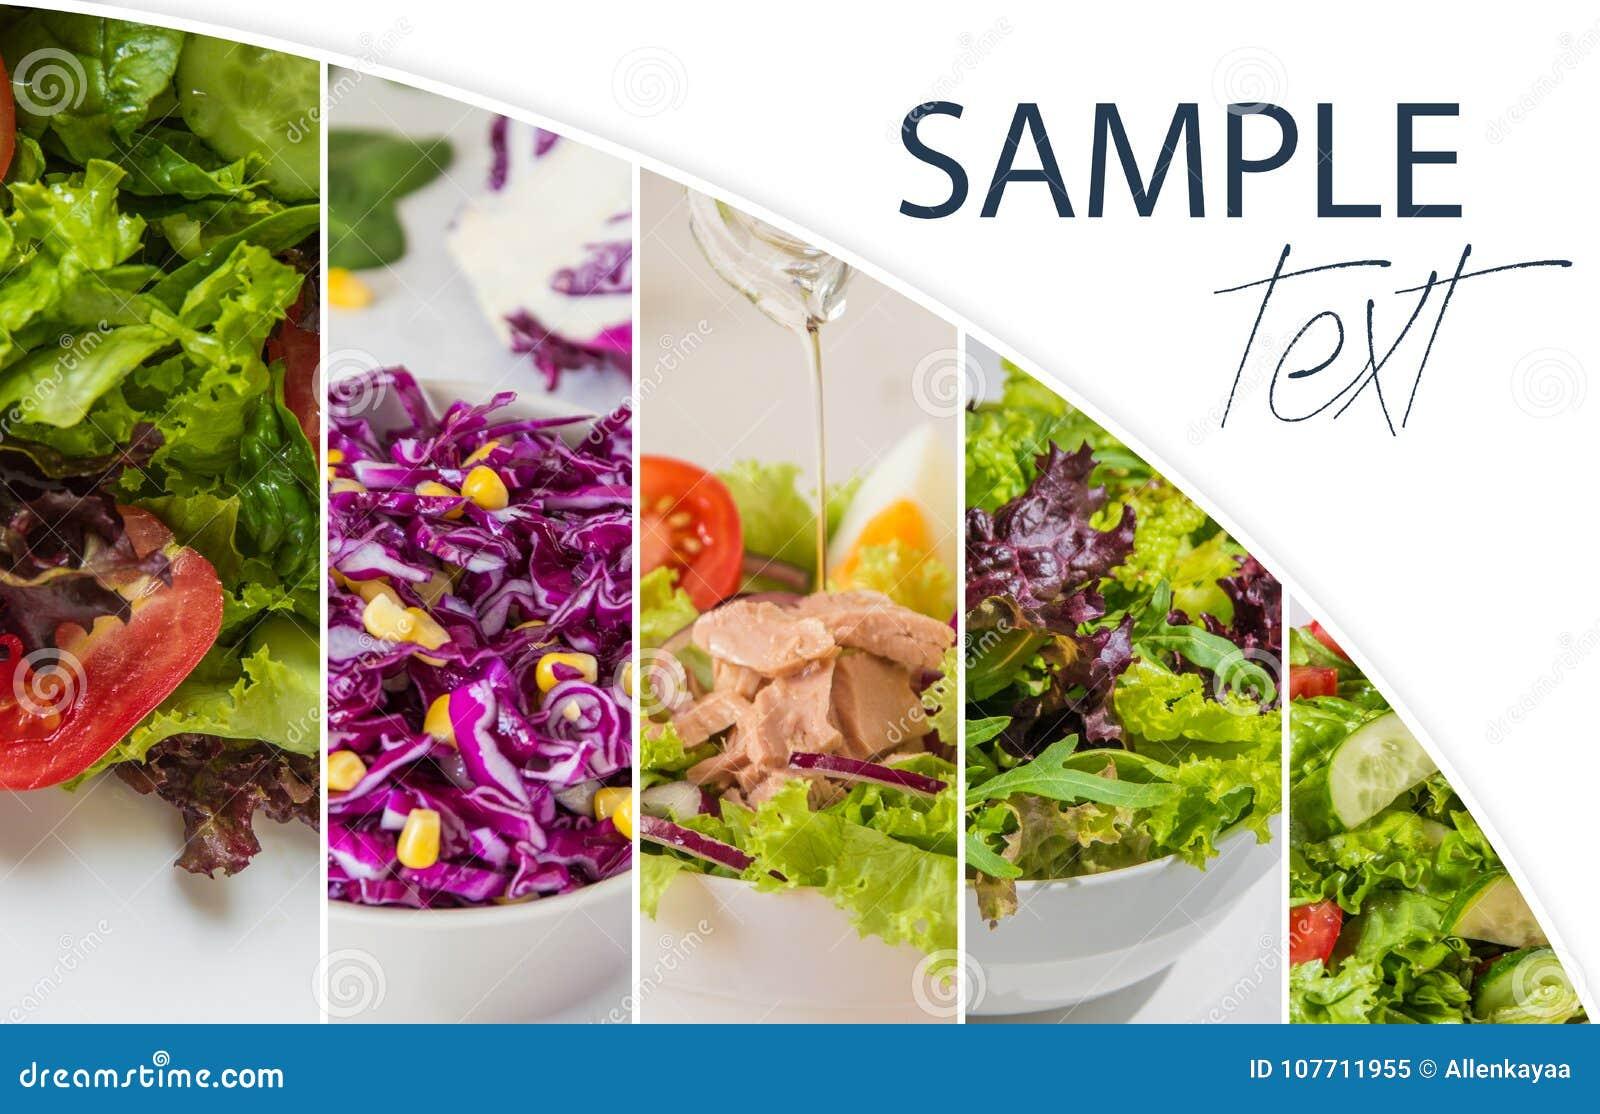 Collage met verse salades, groene bladeren, groenten, tonijn